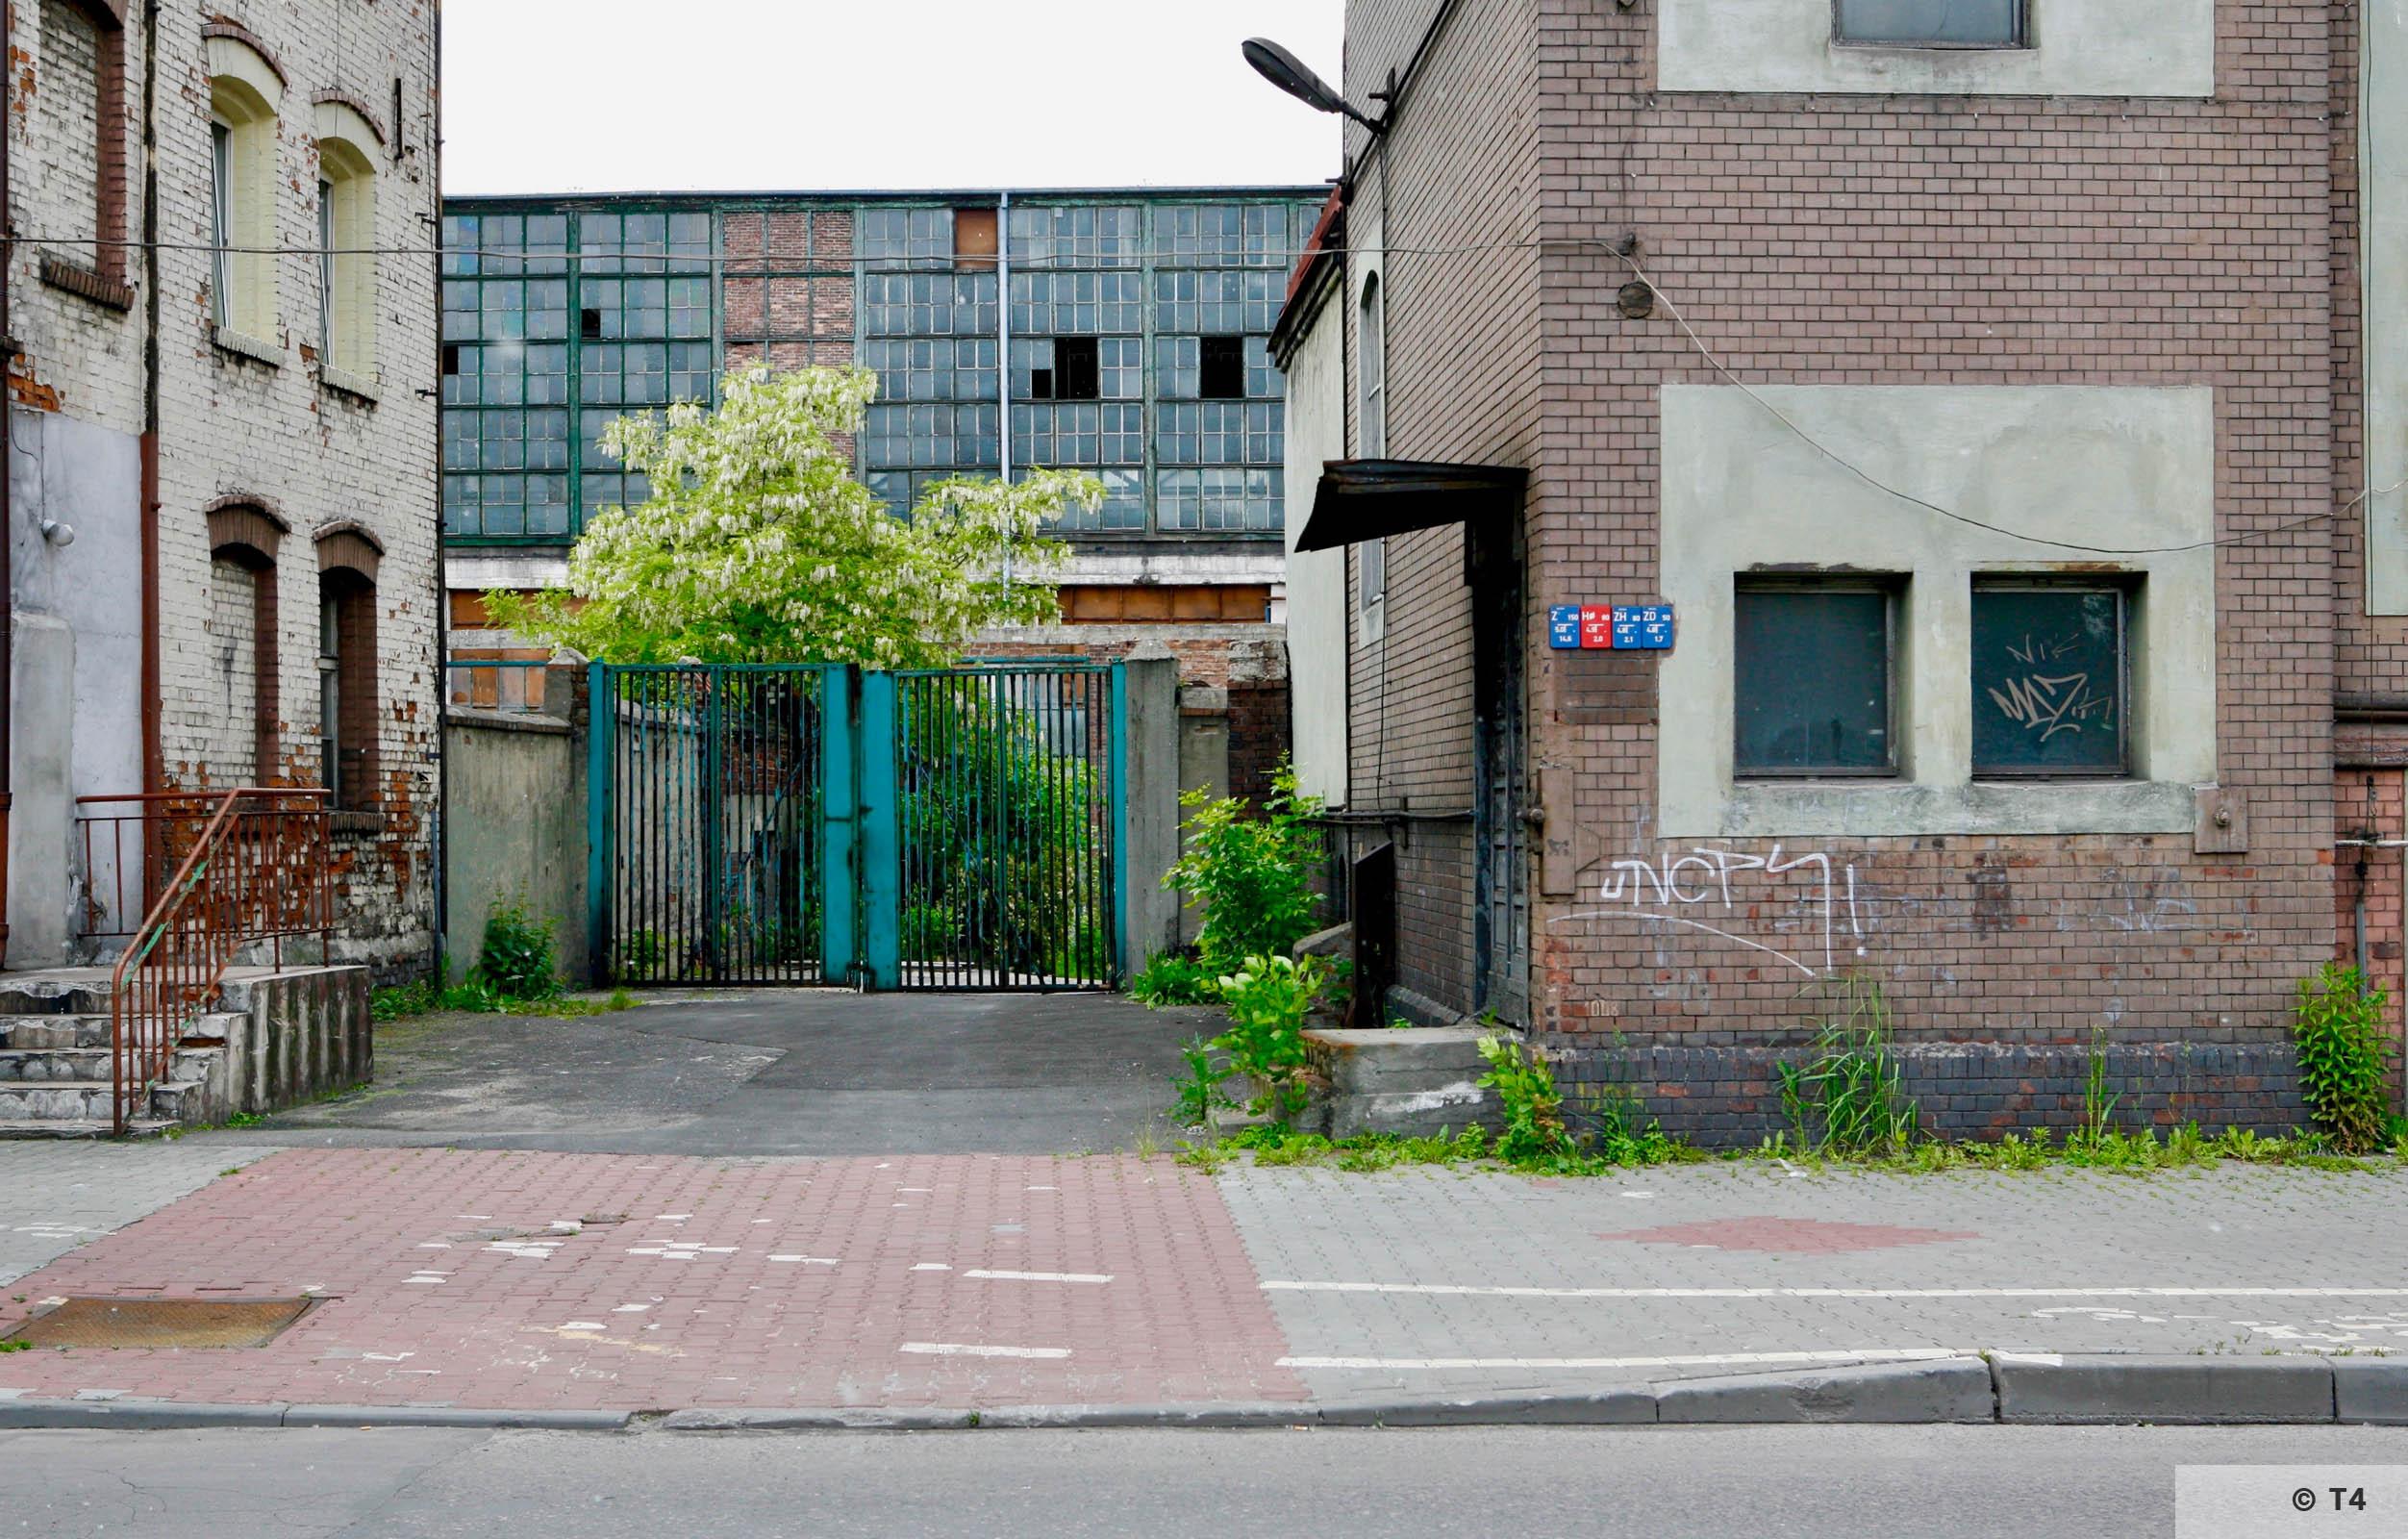 Zgoda steel plant. 2006 T4 6279